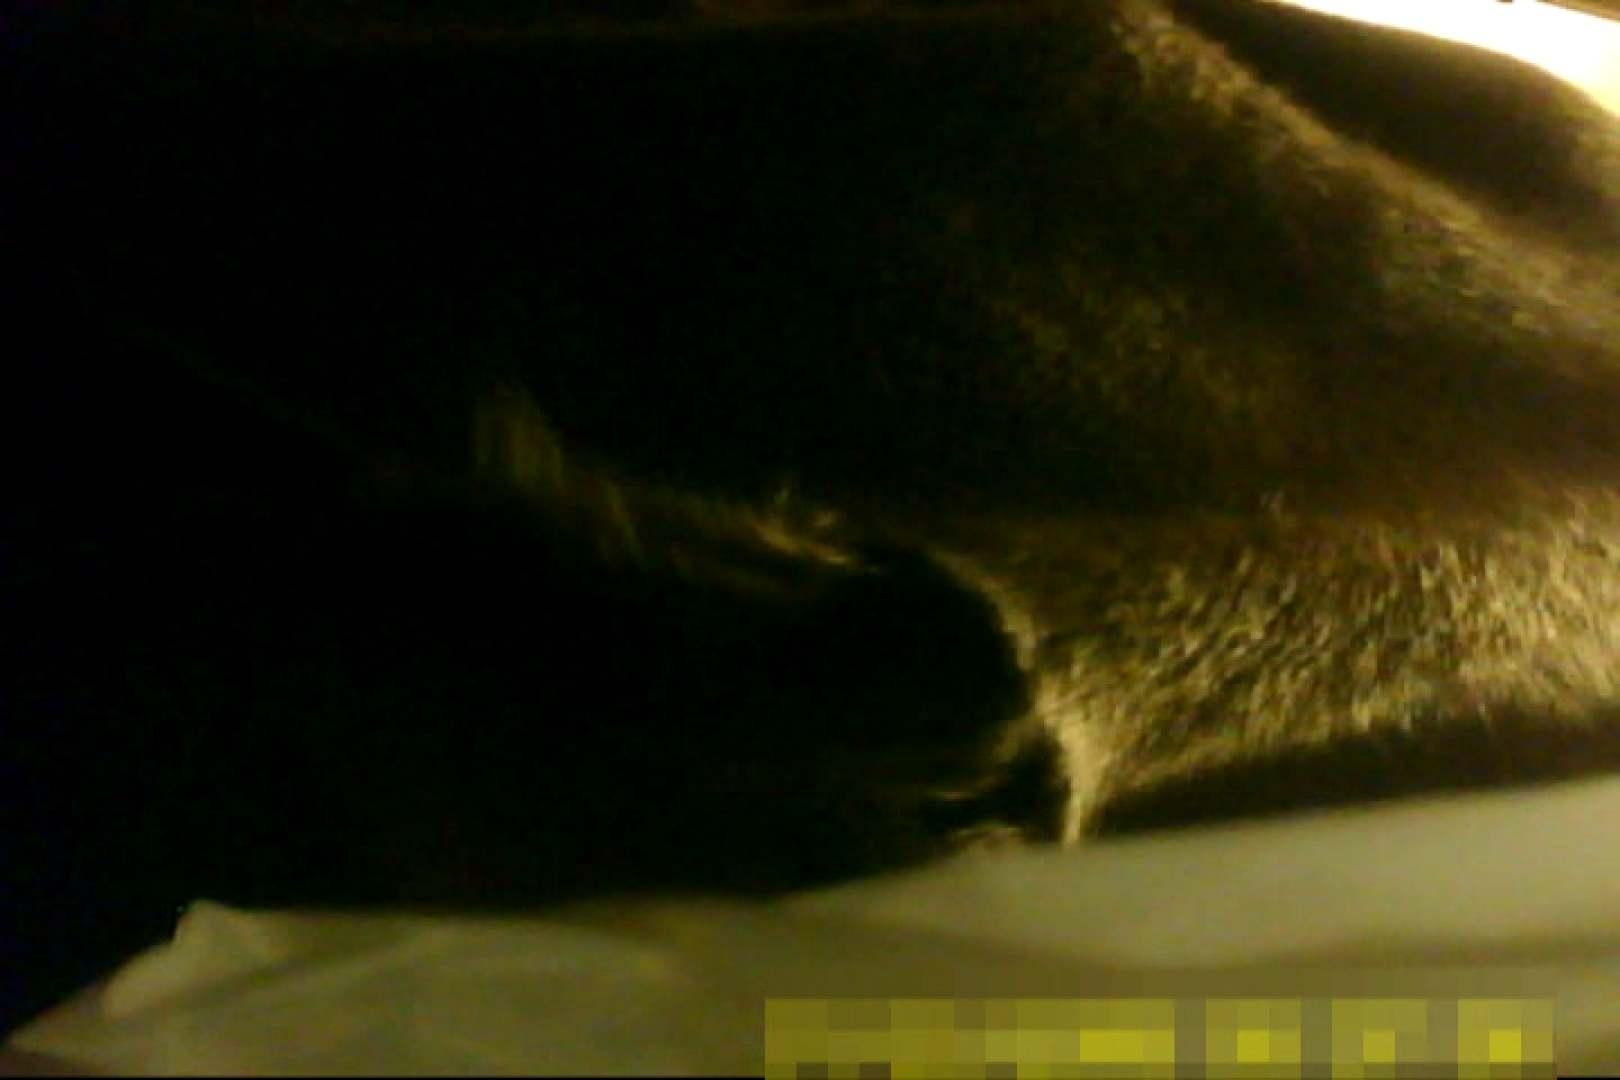 魅惑の化粧室~禁断のプライベート空間~vol.8 お尻 隠し撮りオマンコ動画紹介 91pic 53